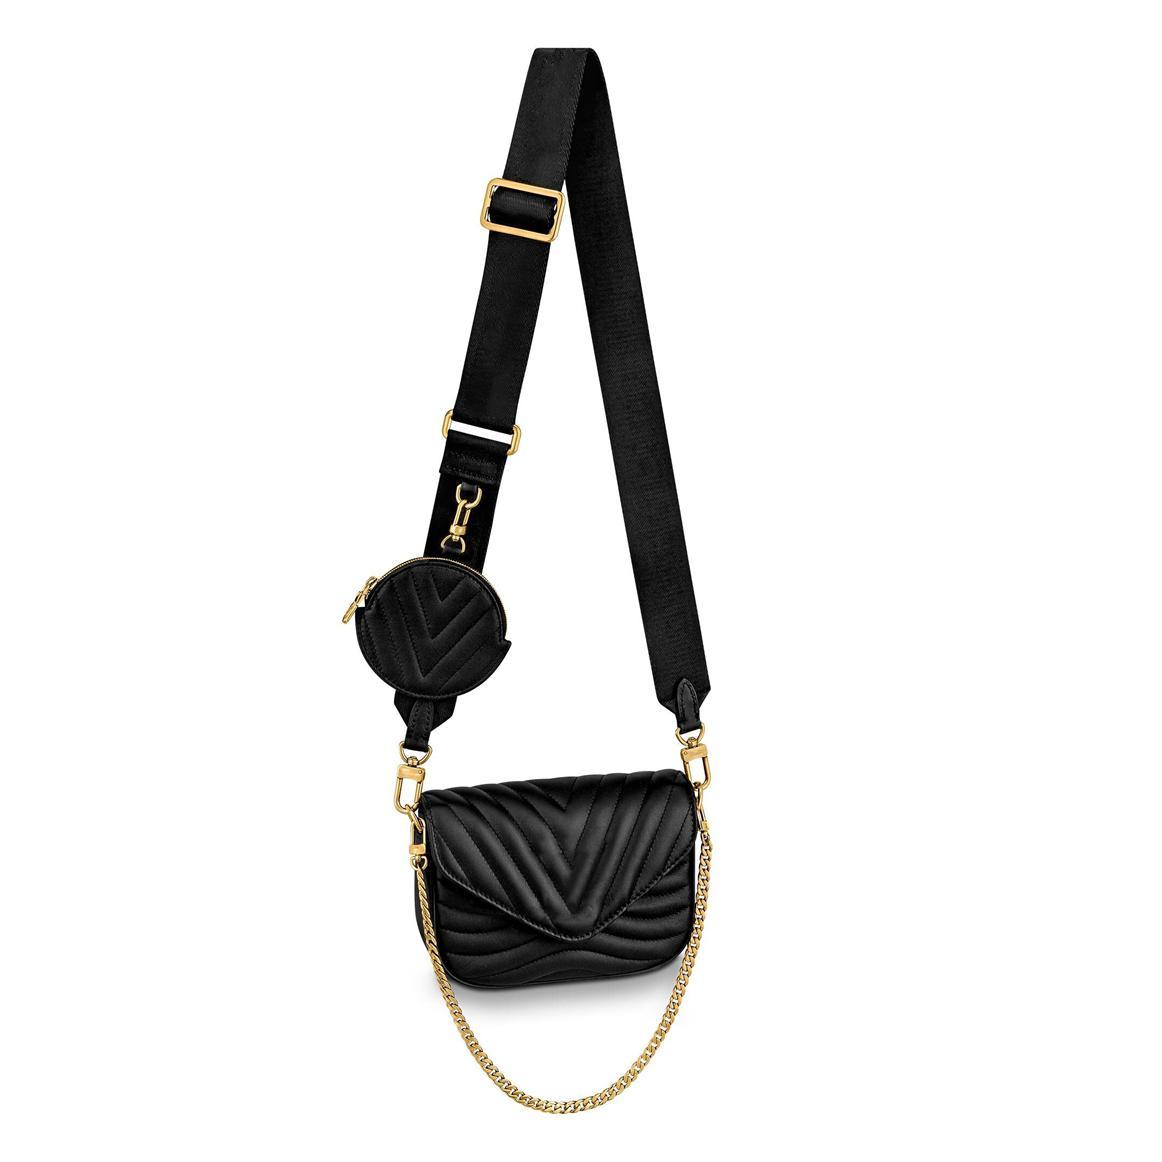 حقائب الكتف حقيبة اليد النسائية حقائب اليد، وحمل حقيبة يد حقيبة CROSSBODY المحافظ حقائب جلدية الفاصل حقيبة المحفظة أزياء Fannypack 96 548